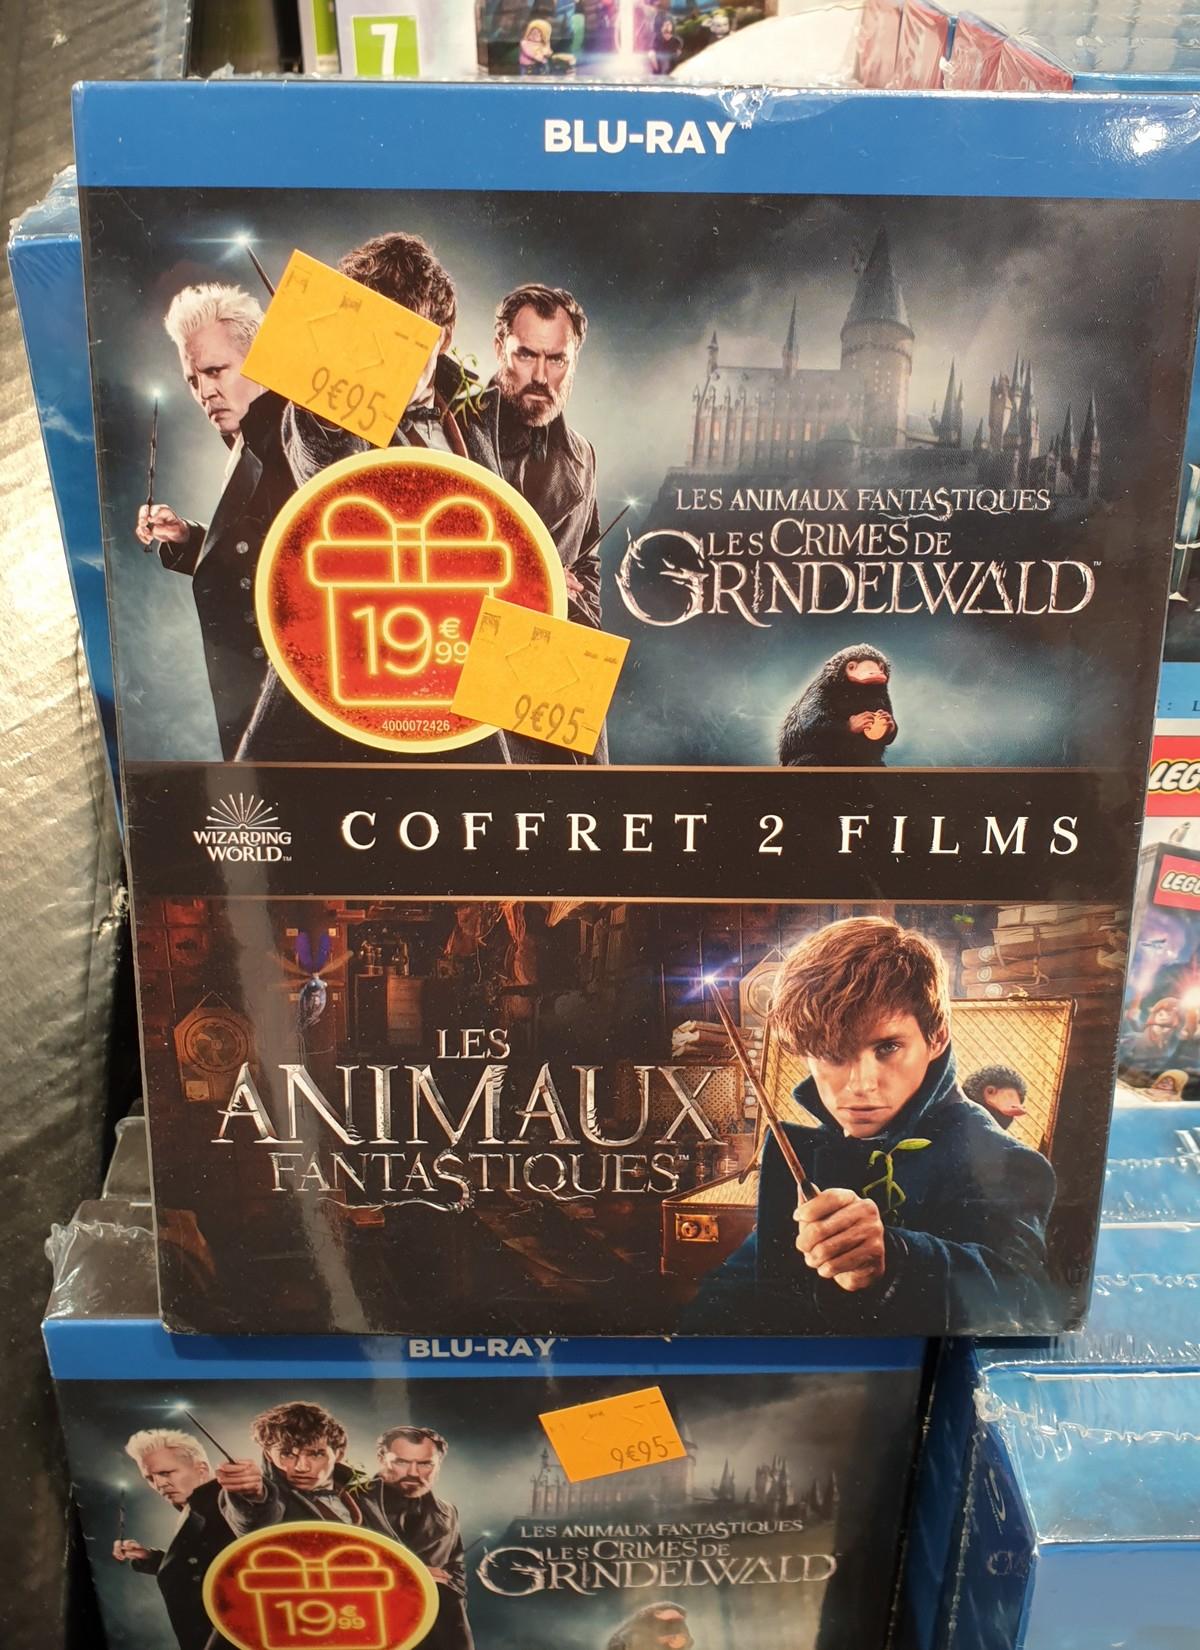 Sélection de coffrets Blu-ray en promotion - Ex : Coffret Les Animaux Fantastiques 1 & 2 (Isle d'Abeau 38)